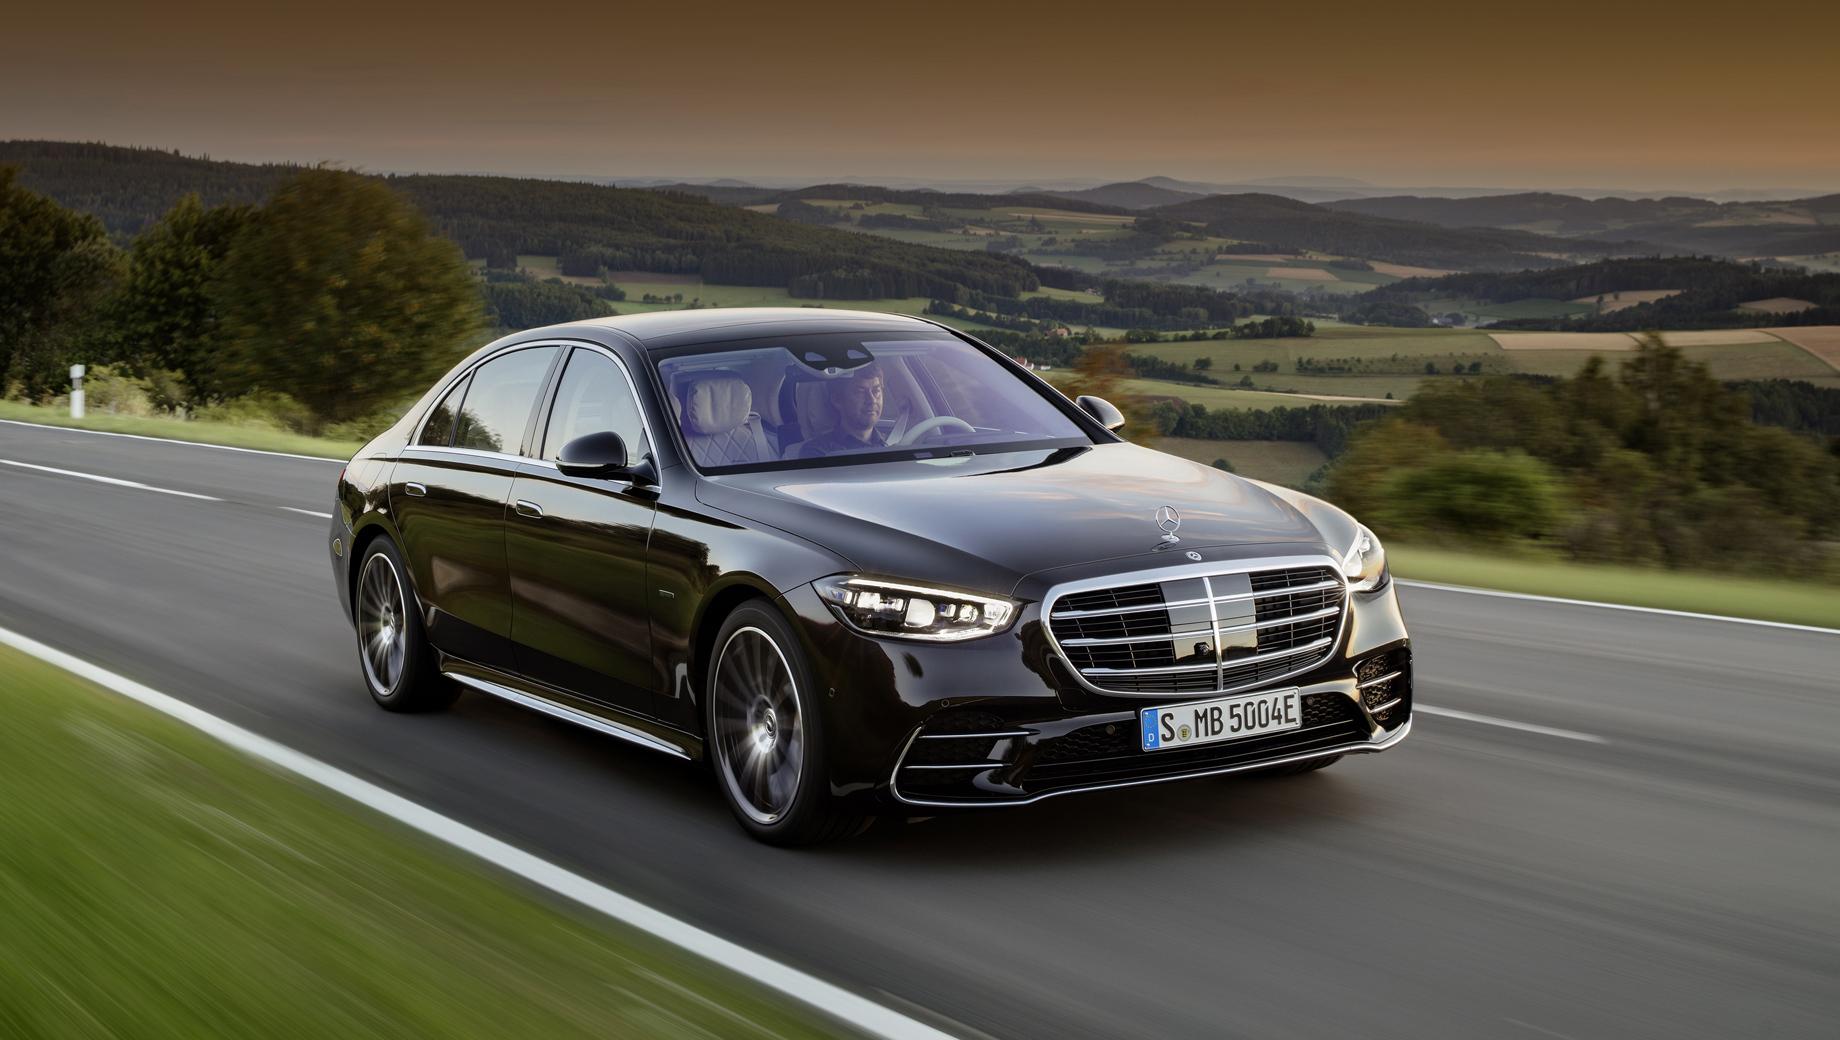 Mercedes s. Занятный факт: в этом гибриде ёмкость тяговой батареи в 1,6 раза больше, чем в «целом» электромобиле, хотя и маленьком (Смарте EQ).